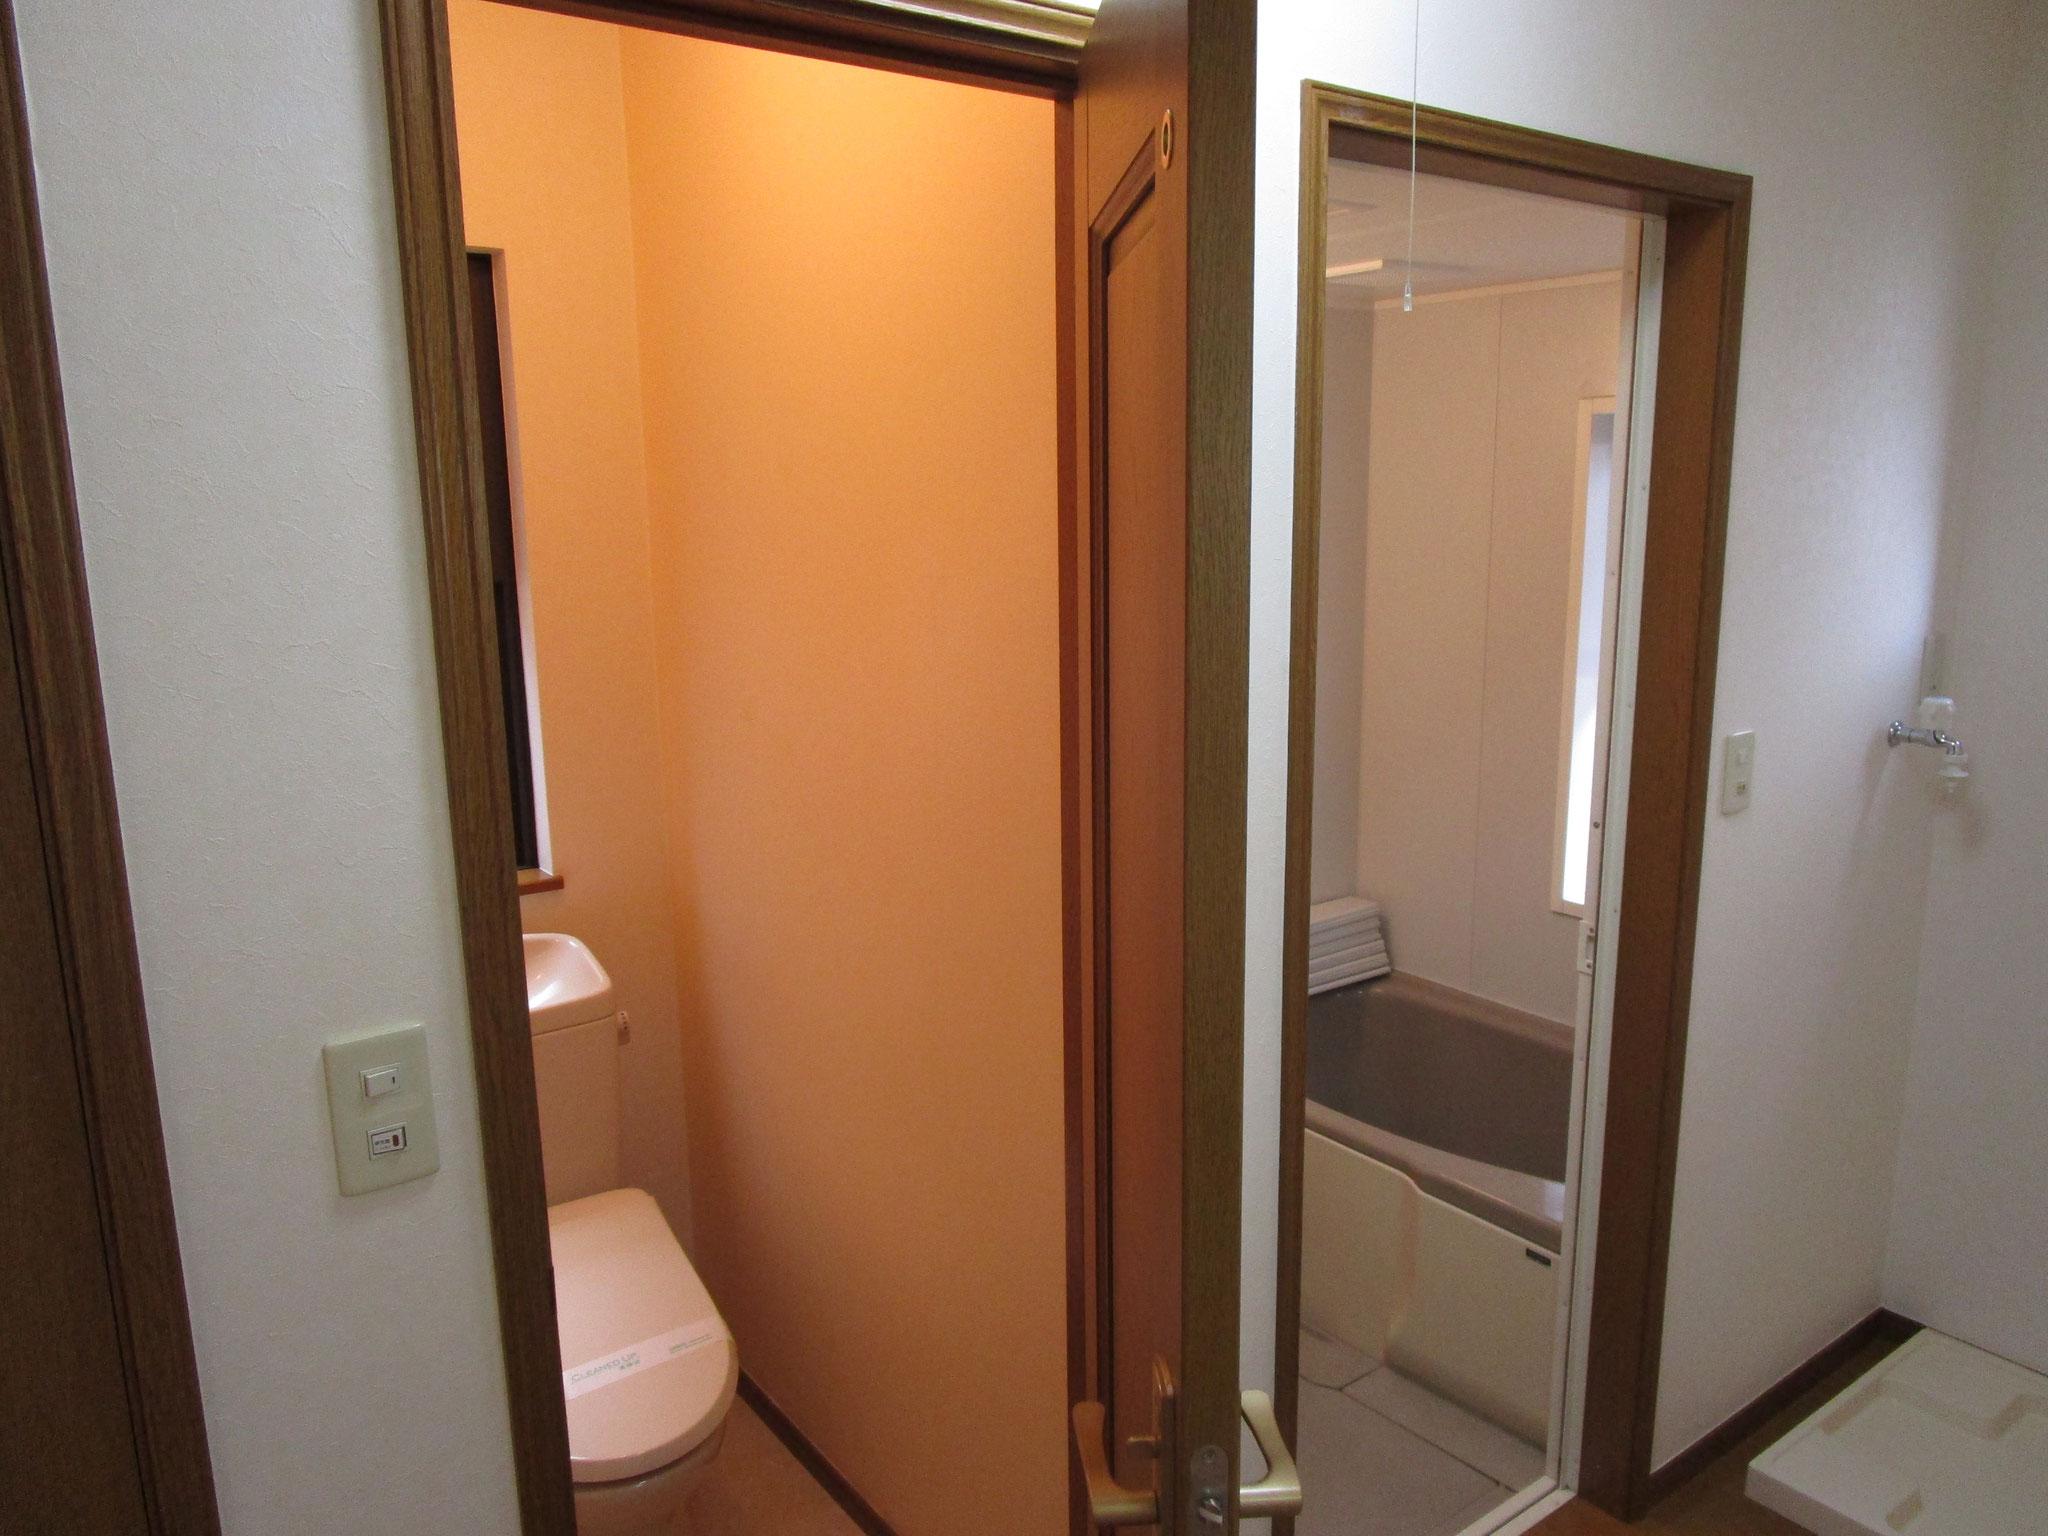 トイレと浴室の扉を開けた状態